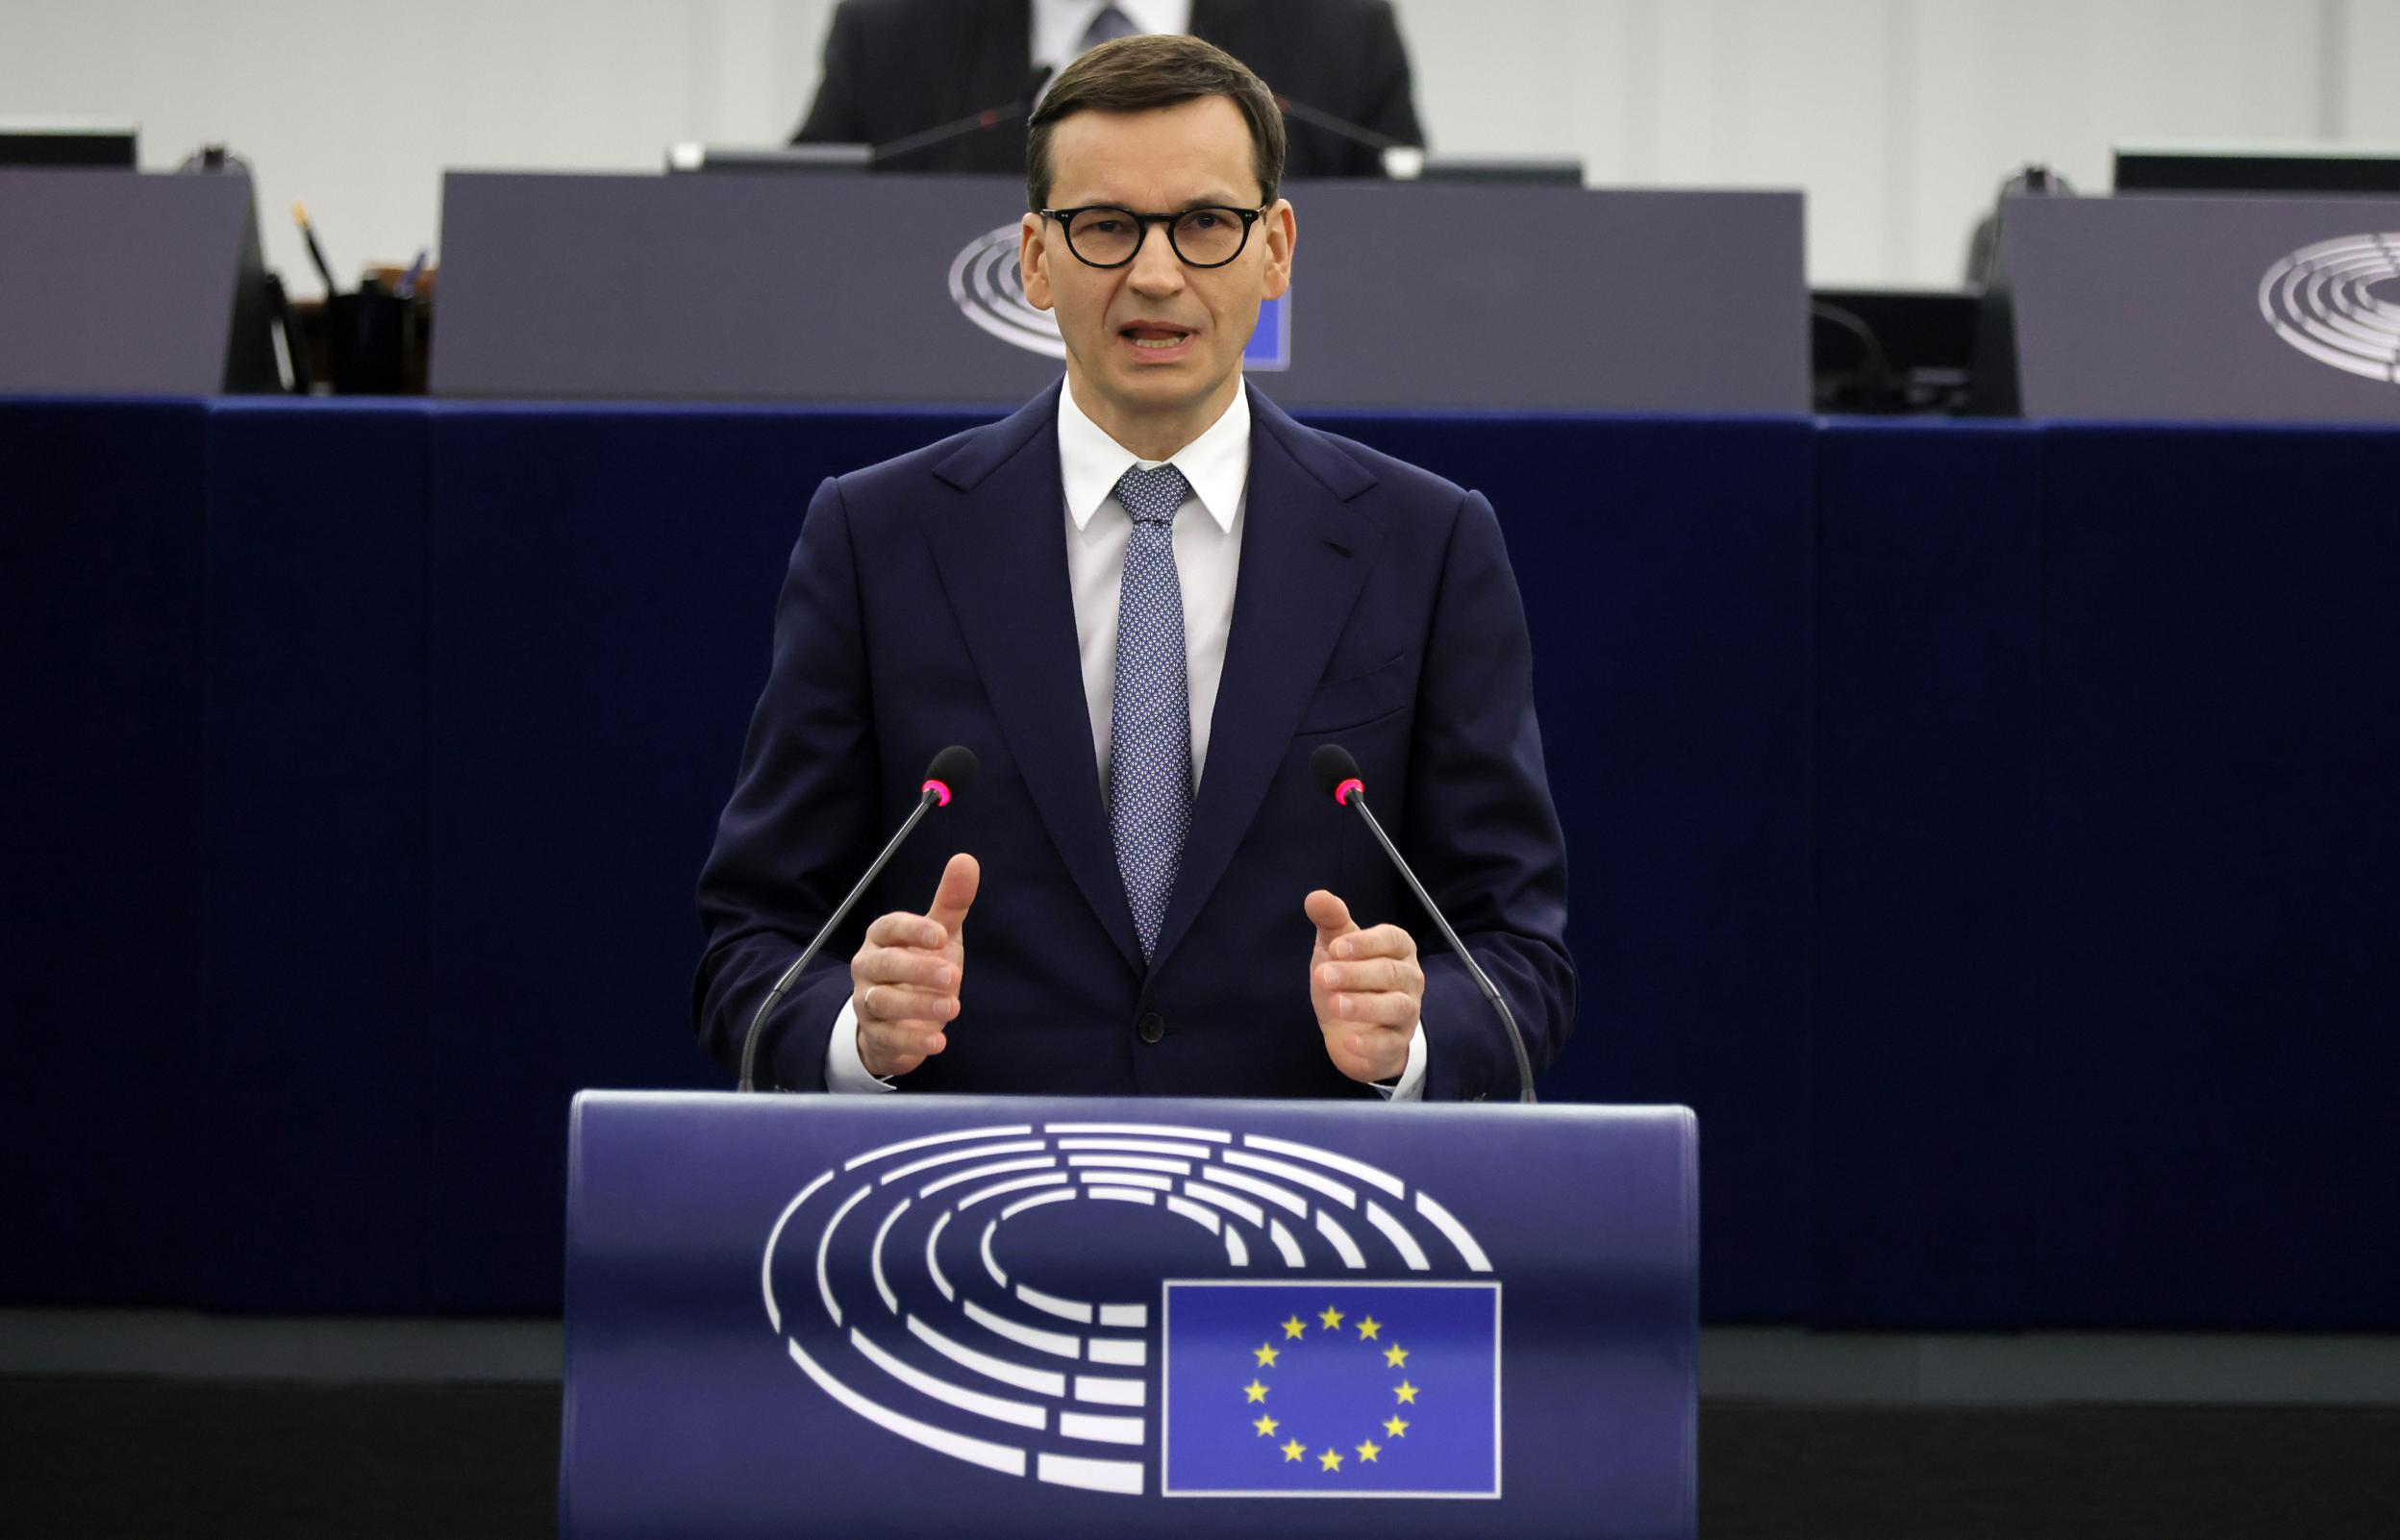 Strijd tussen Polen en EU wordt nu ook openlijk op het hoogste niveau uitgevochten